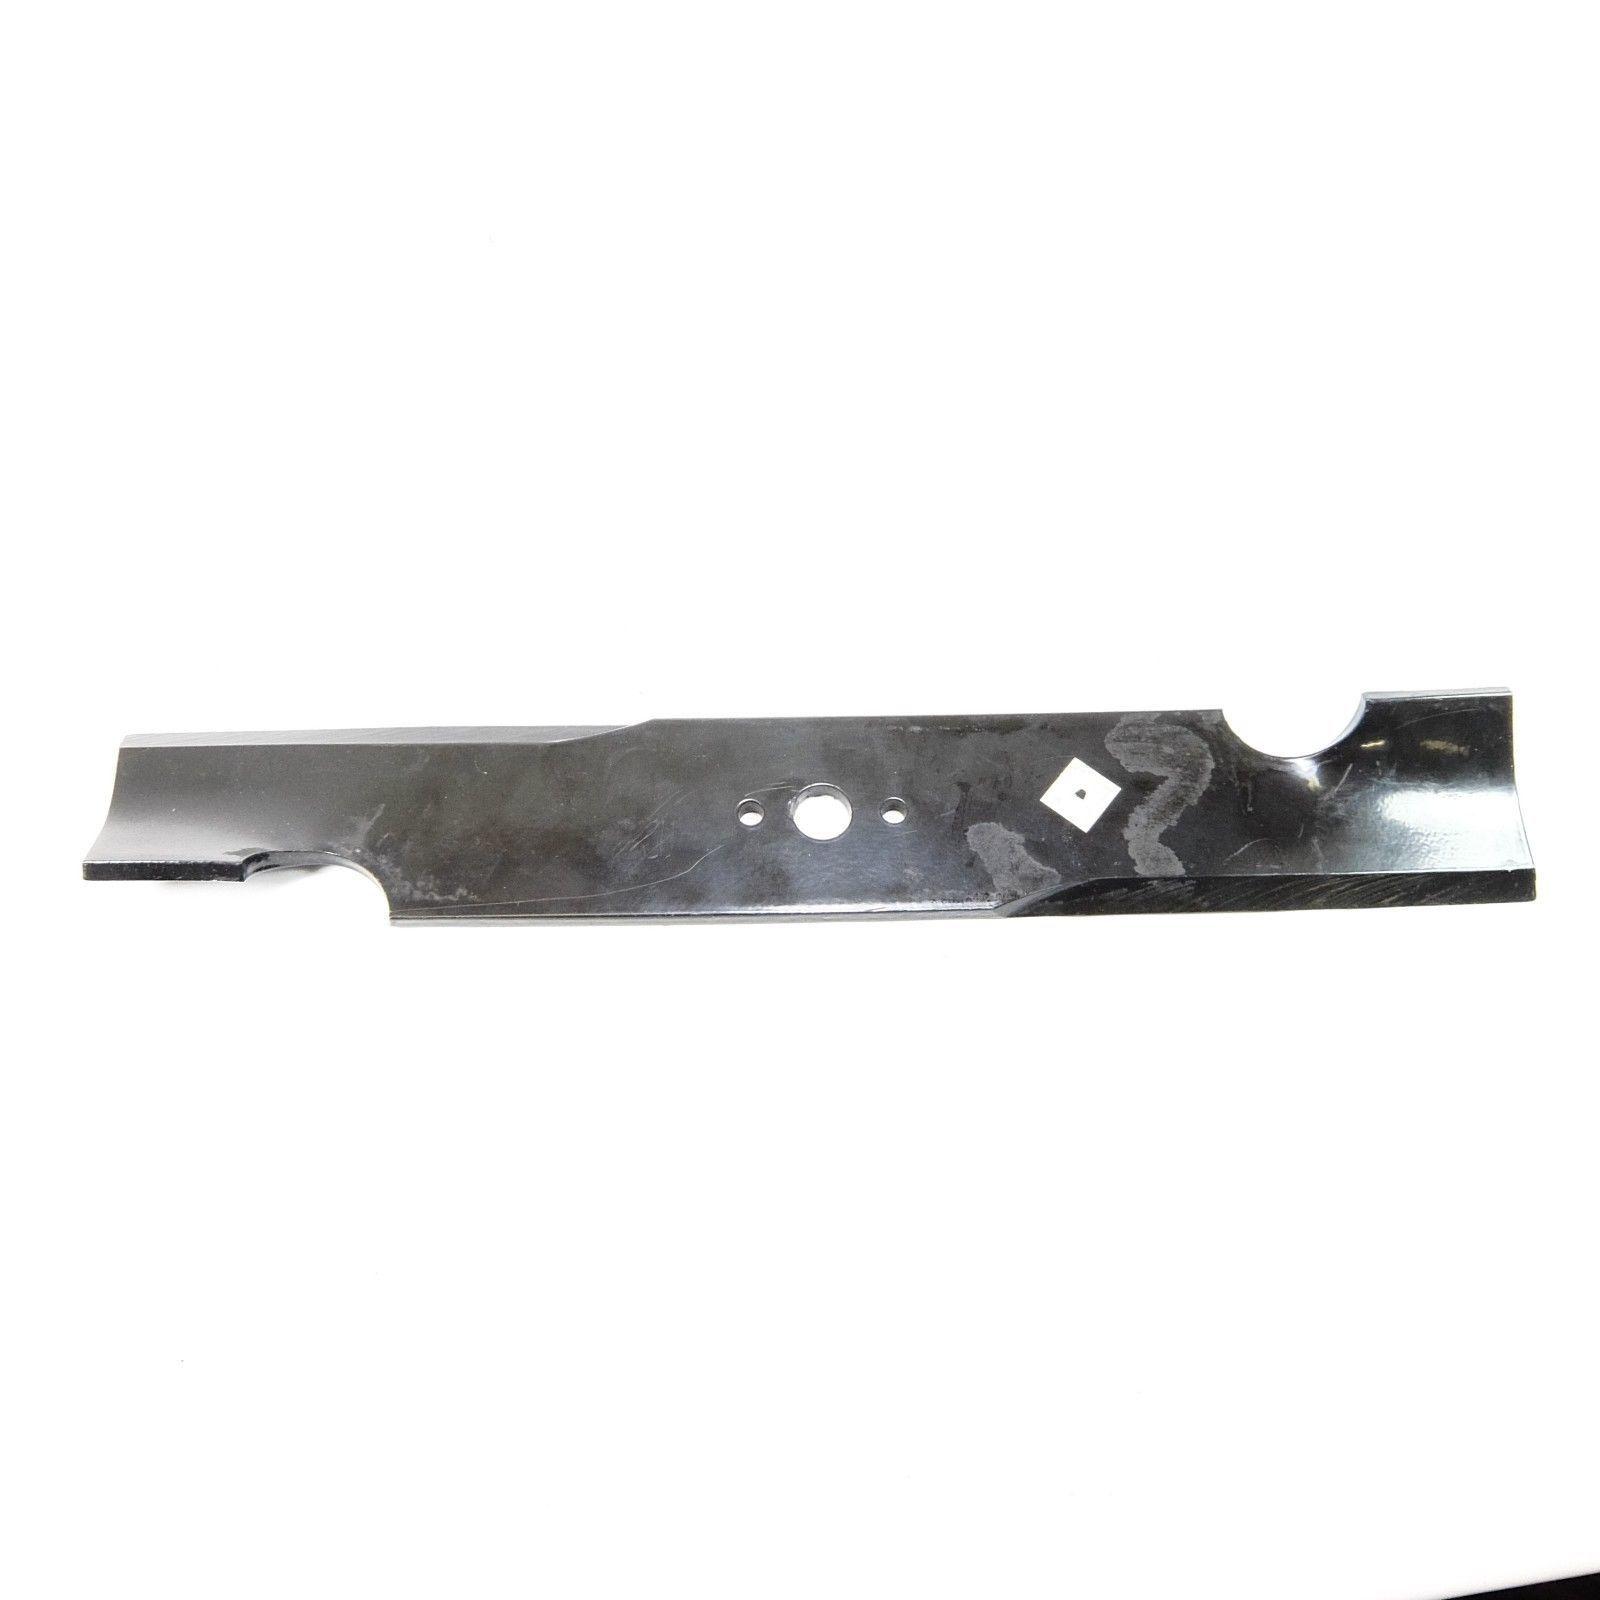 New Oregon 93-005 16 1/4 inch Blades